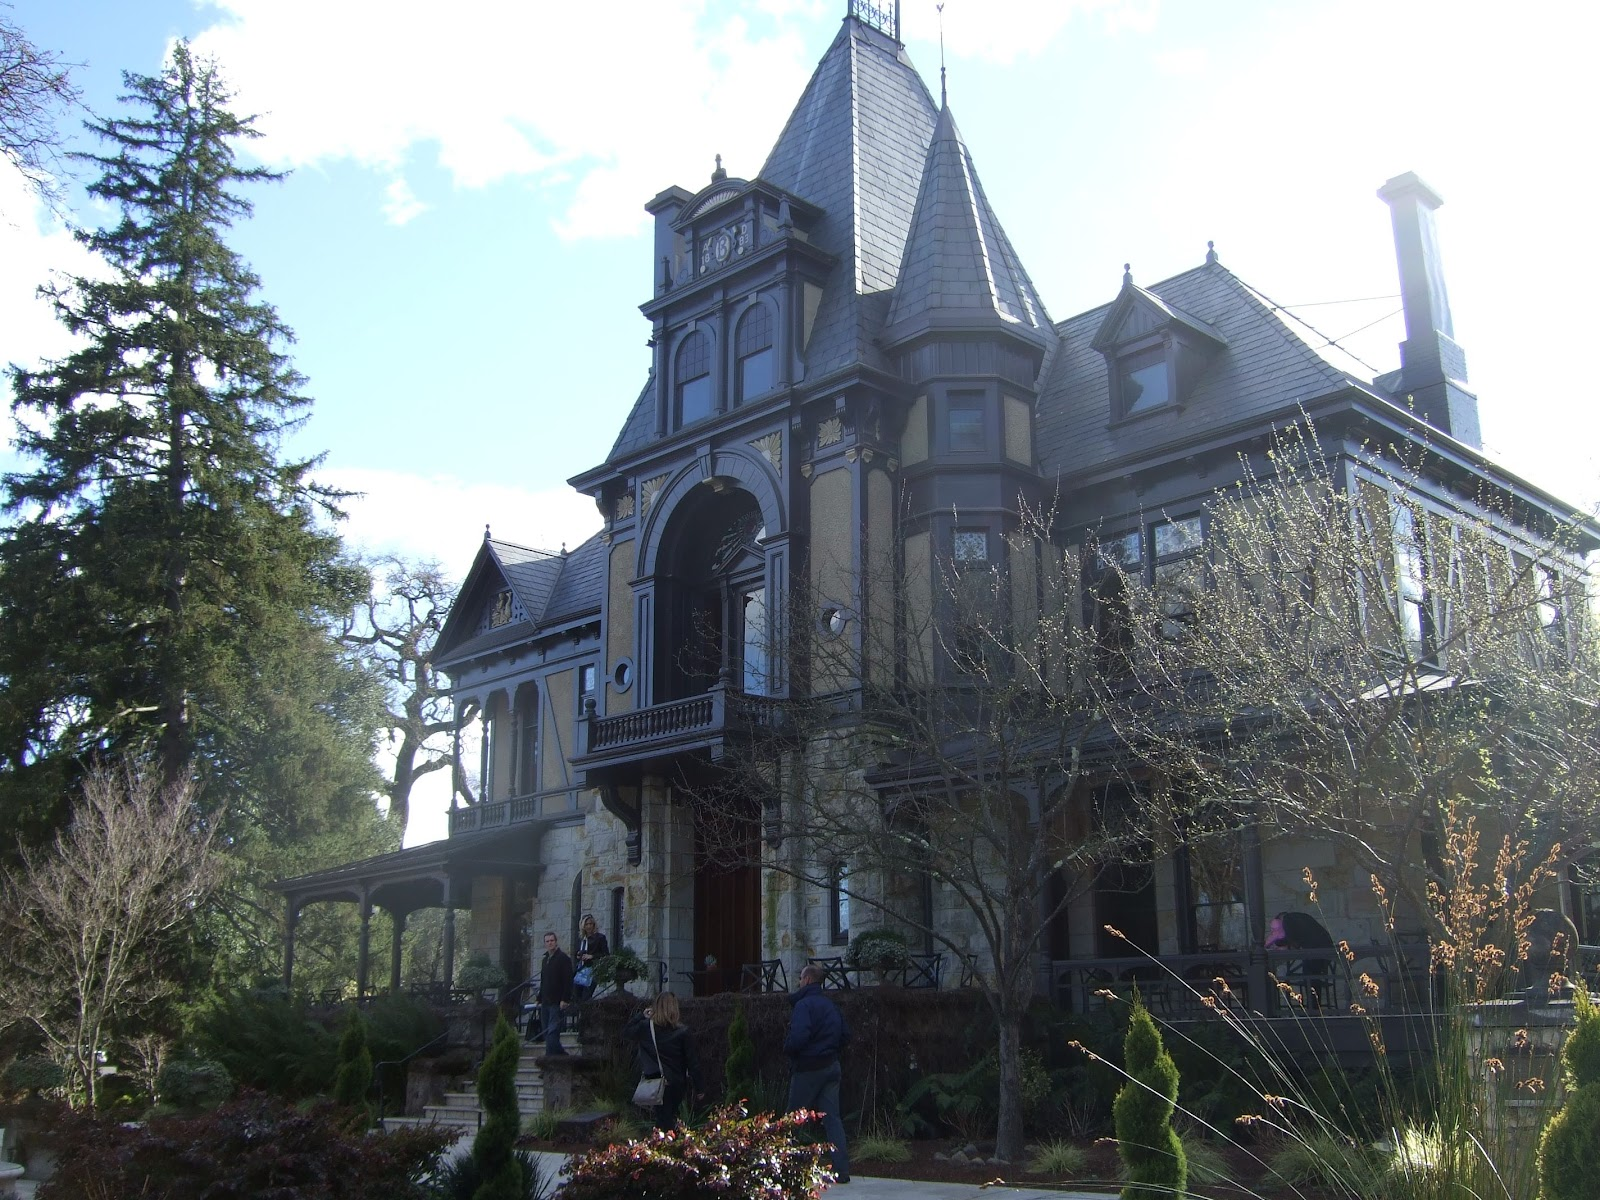 Opiniones de arquitectura victoriana - Arquitectura victoriana ...